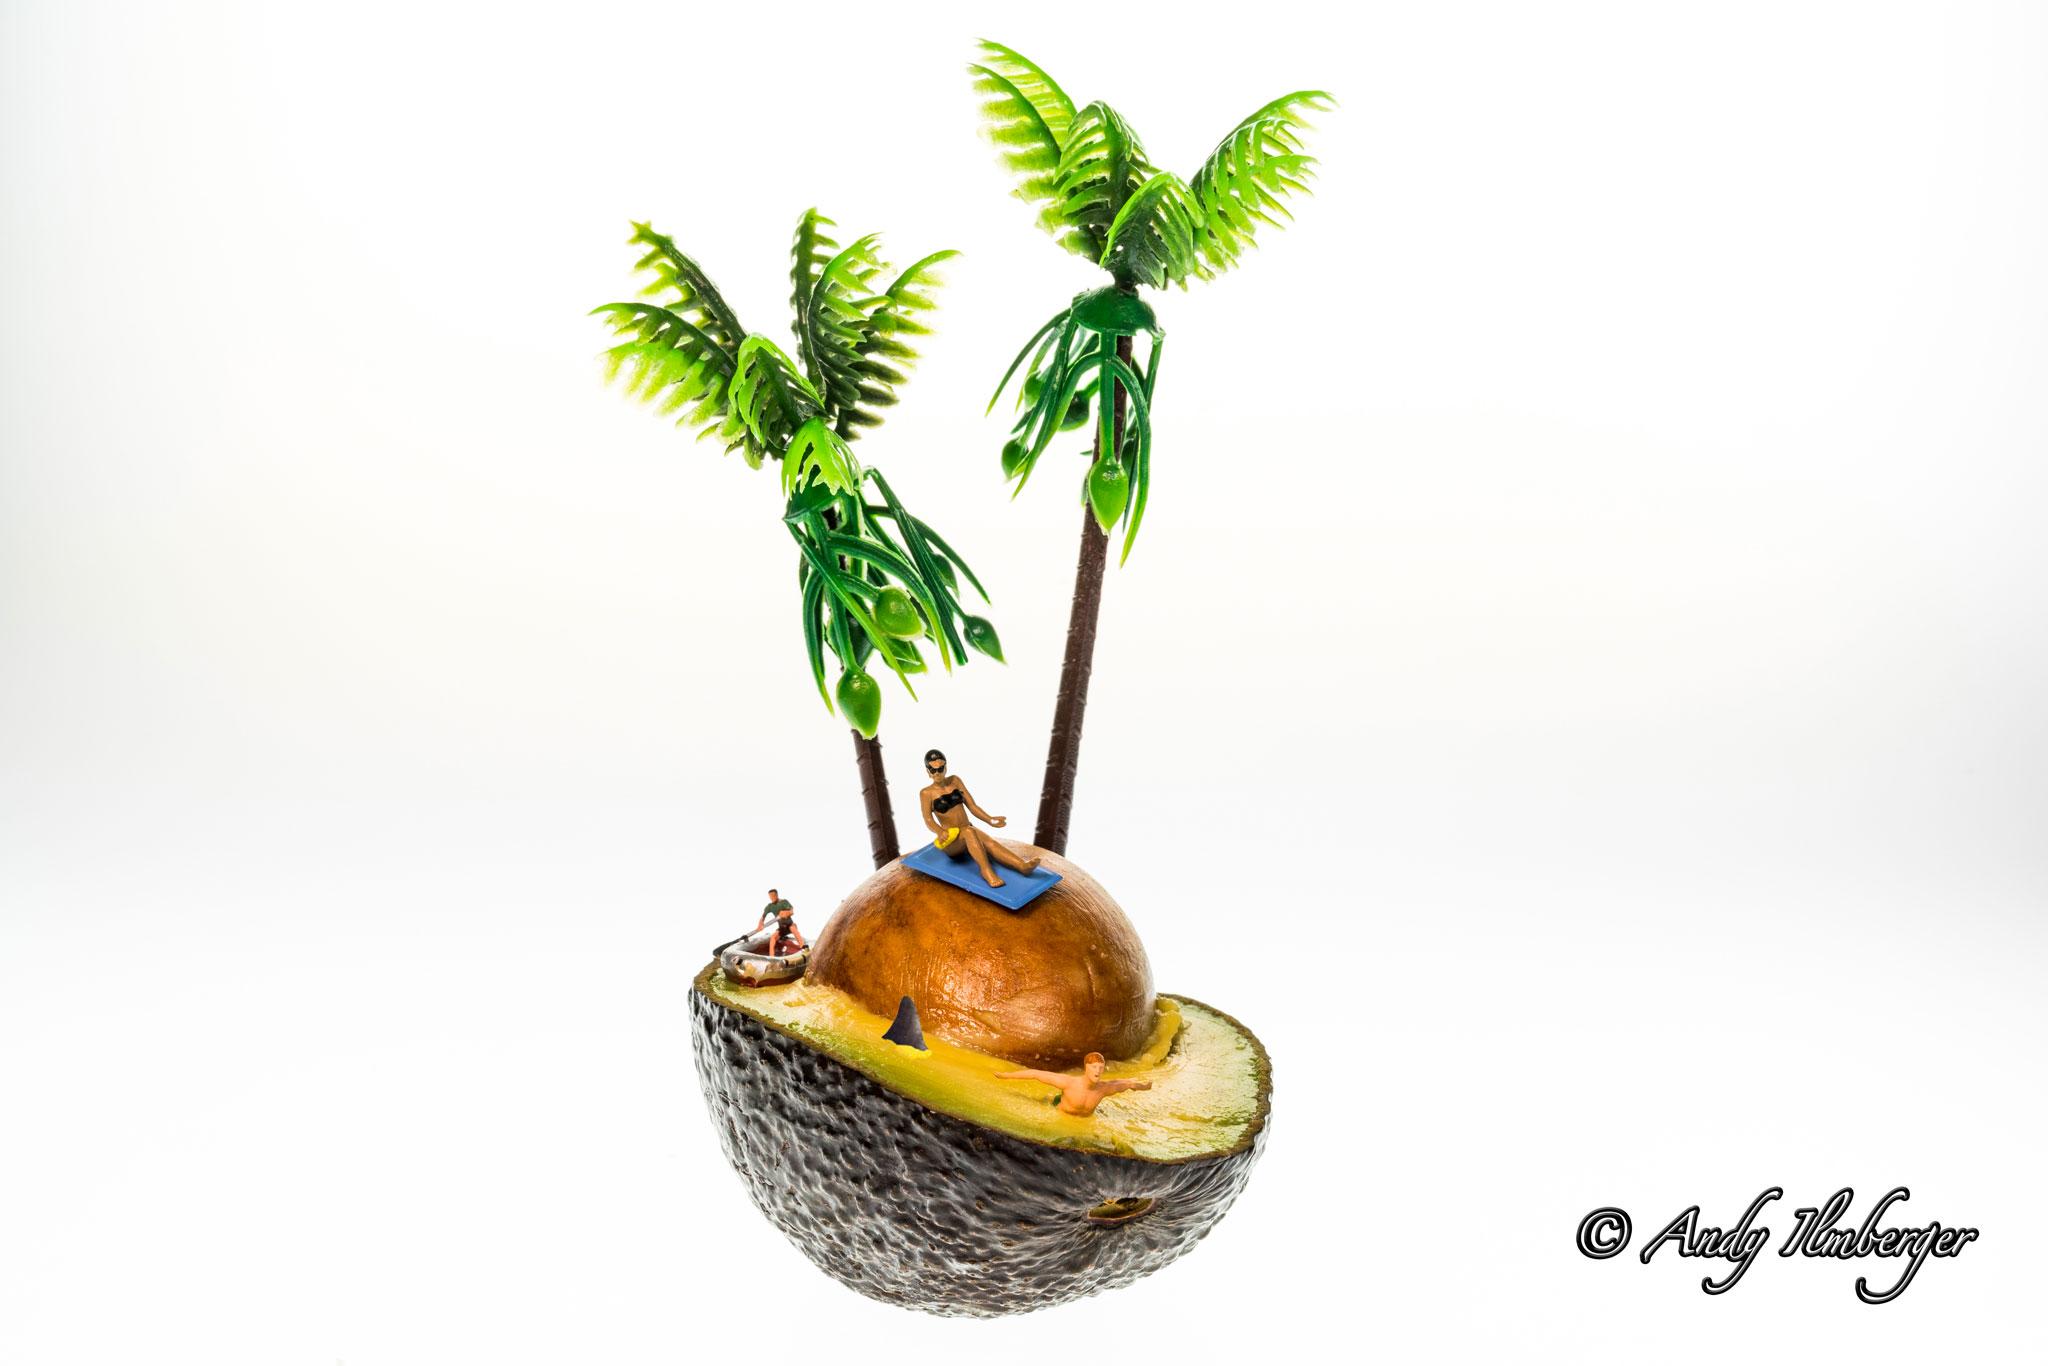 H0-Helden - Avocado Island - H0-Figuren in Szene gesetzt von © Andy Ilmberger im Kleine-Helden.Club